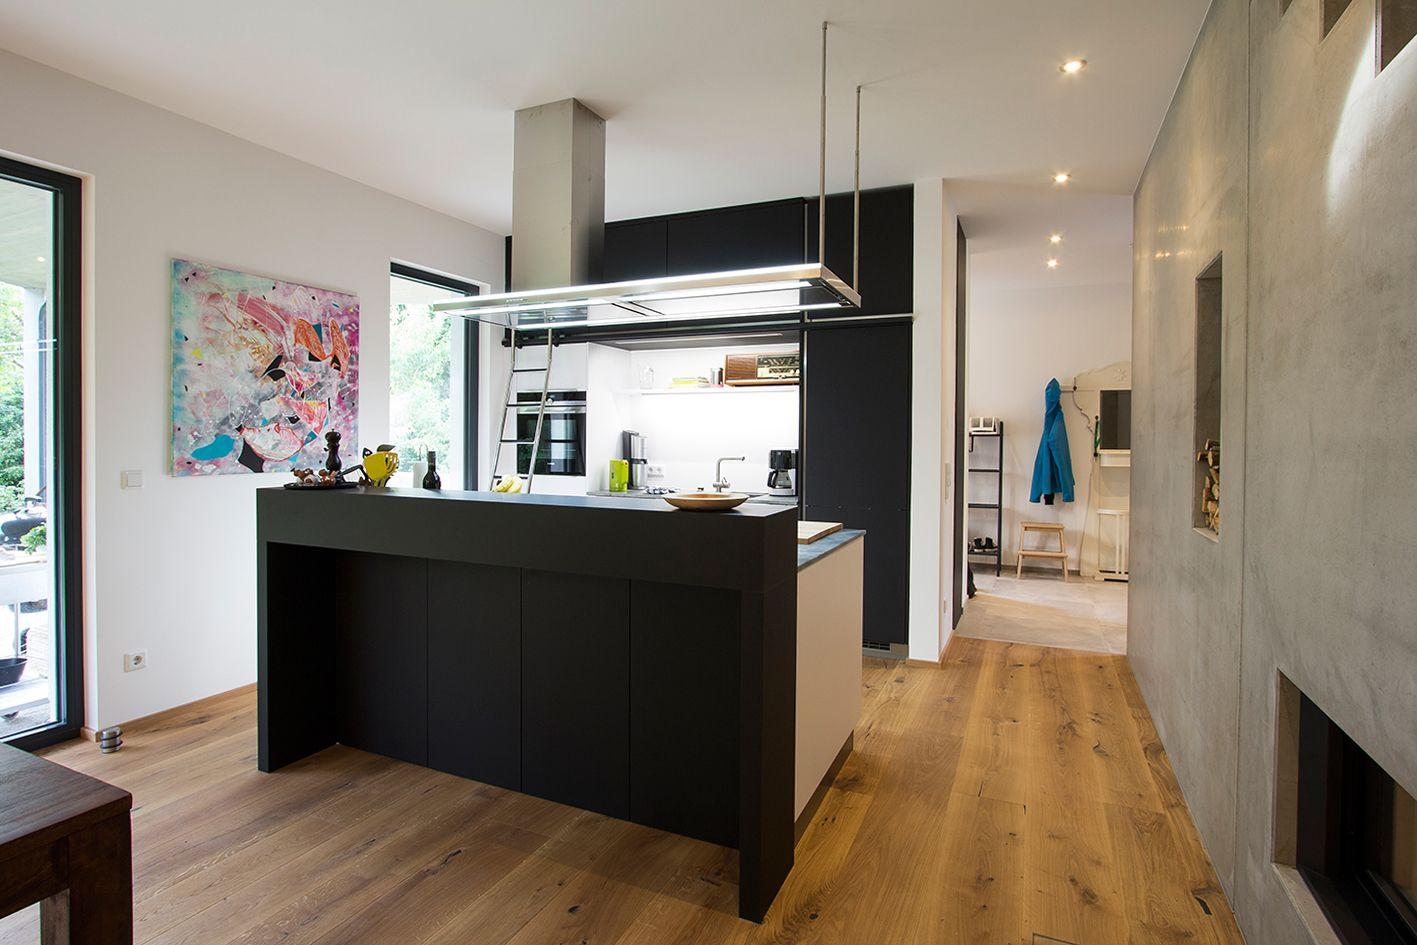 moderne wohnk che mit schwarzer kochinsel und schwarzen fronten material fenix planung und. Black Bedroom Furniture Sets. Home Design Ideas